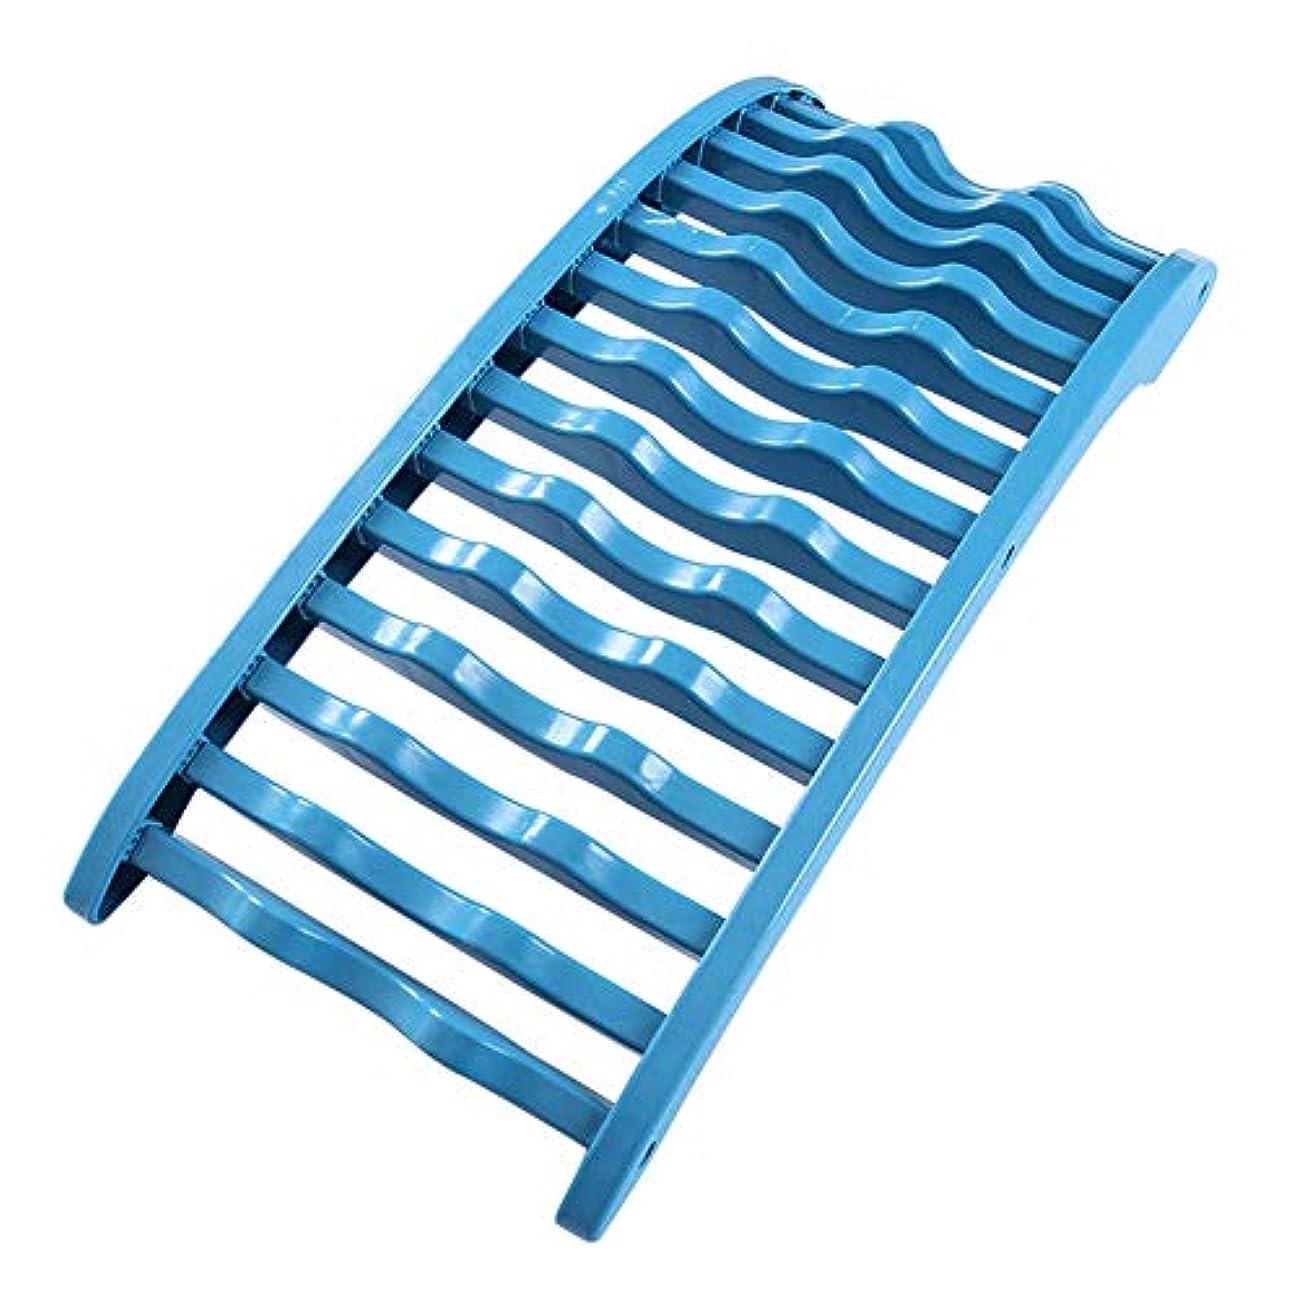 送るまたはどちらか敬背中バキバキ バックストレッチャーバックサポーター腰痛 - 背中の痛みの救済マッサージ脊椎解凍筋肉の痛みを軽減するための脊椎牽引装置